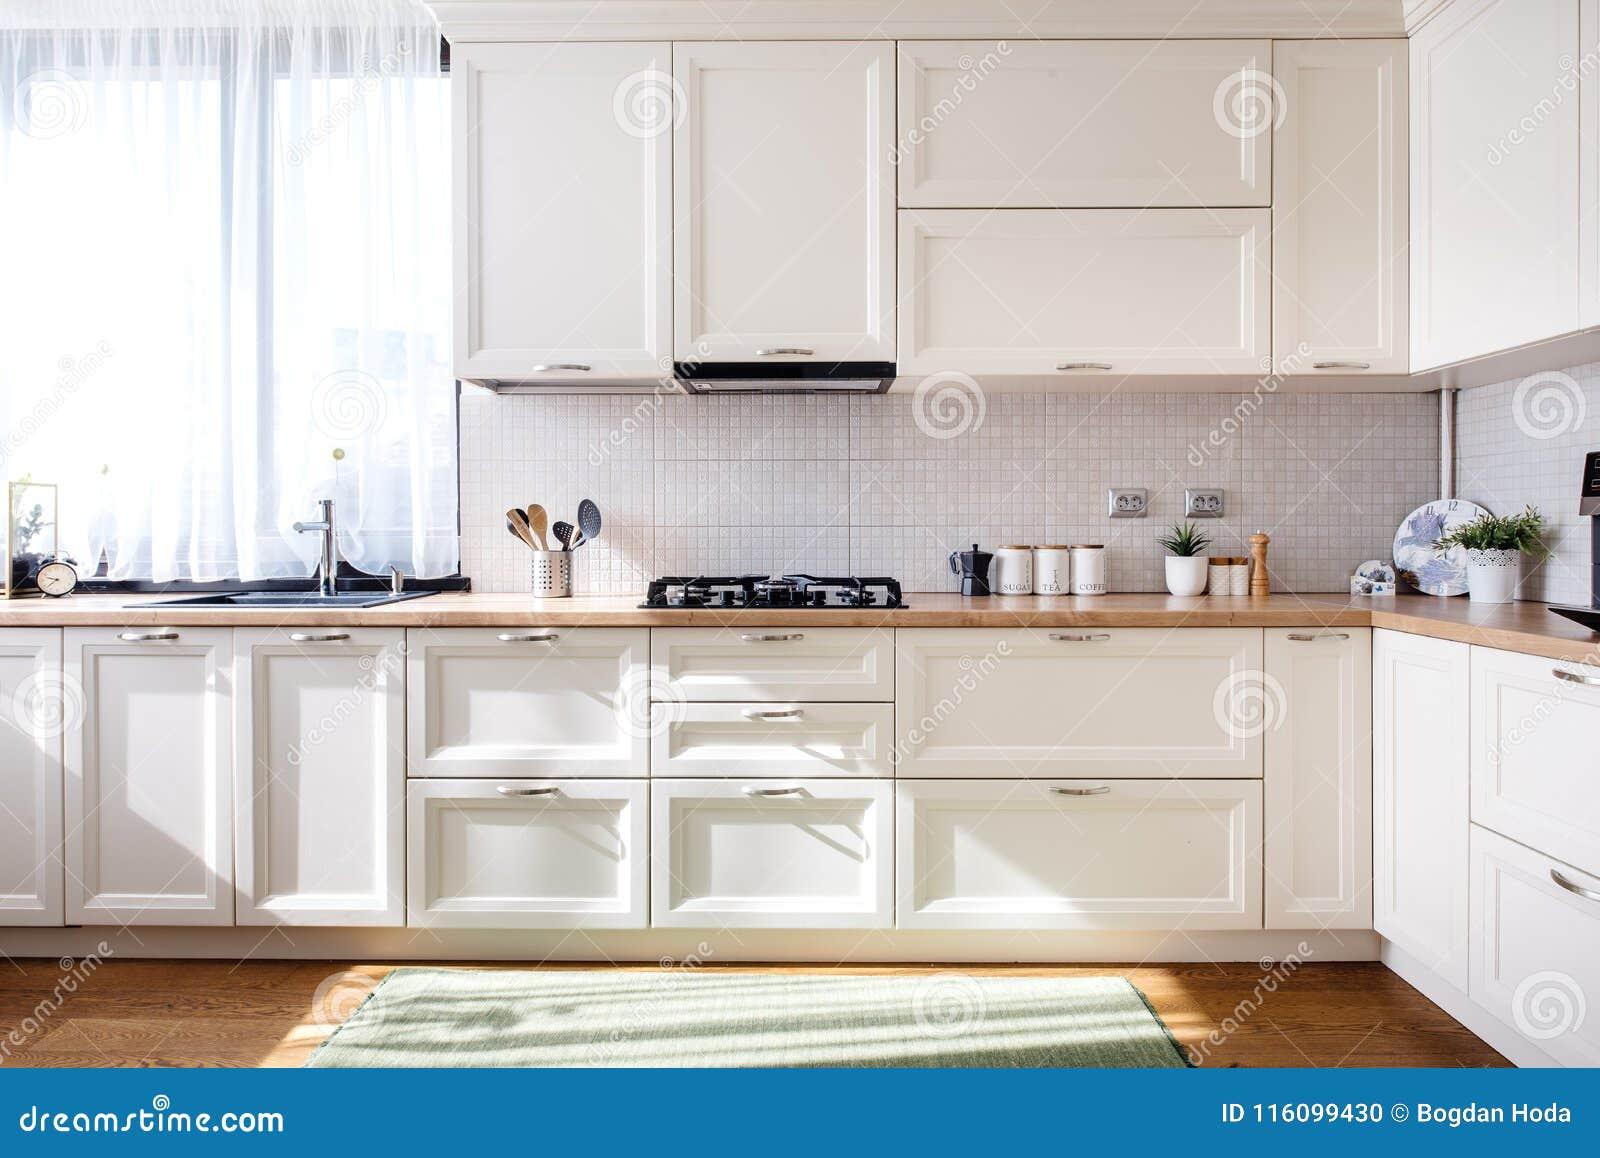 Diseño Interior De La Cocina Moderna Con Los Muebles Blancos Y Los ...